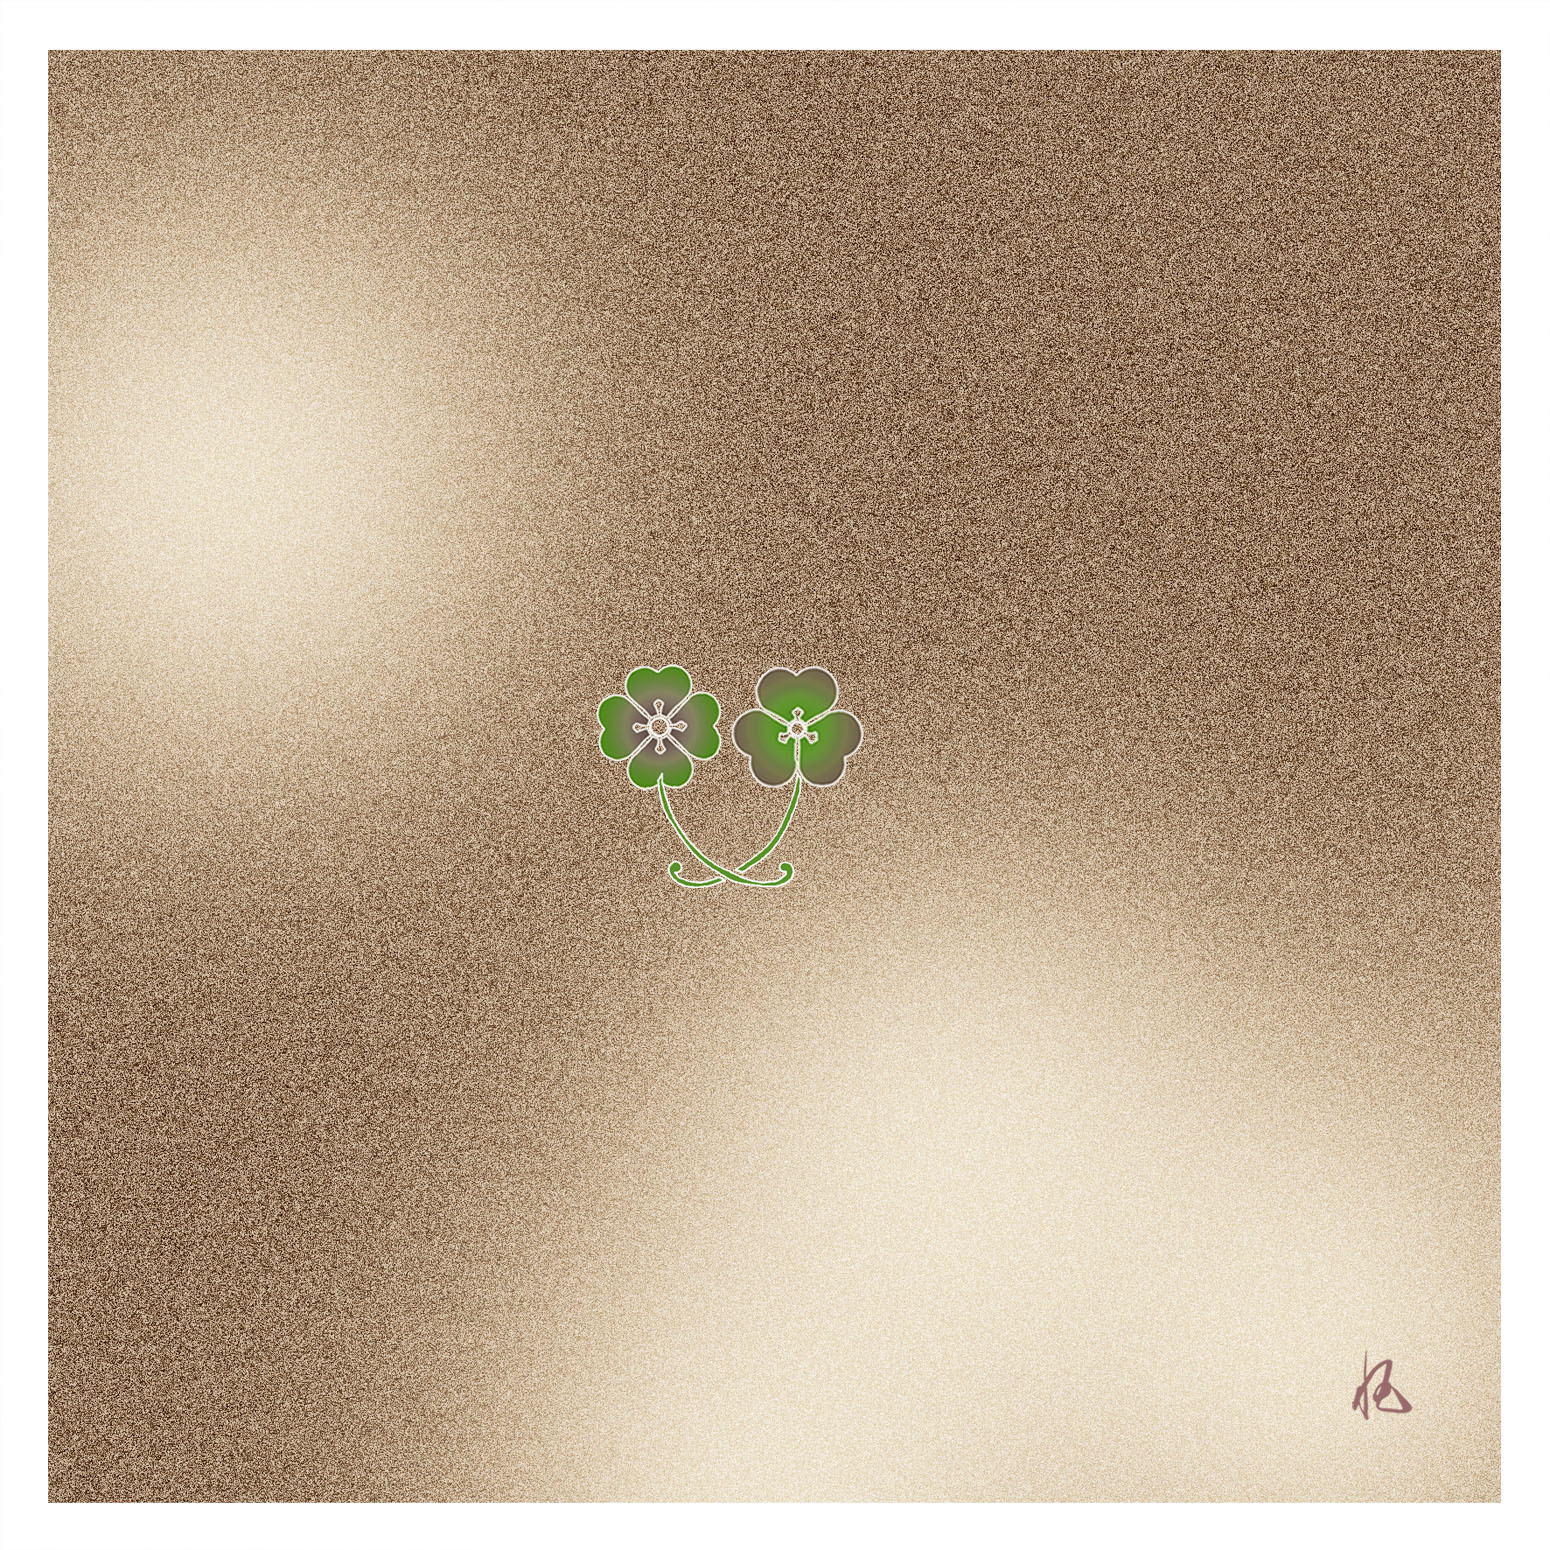 ガラス皿「そめゆら」K-04 かたばみ紋